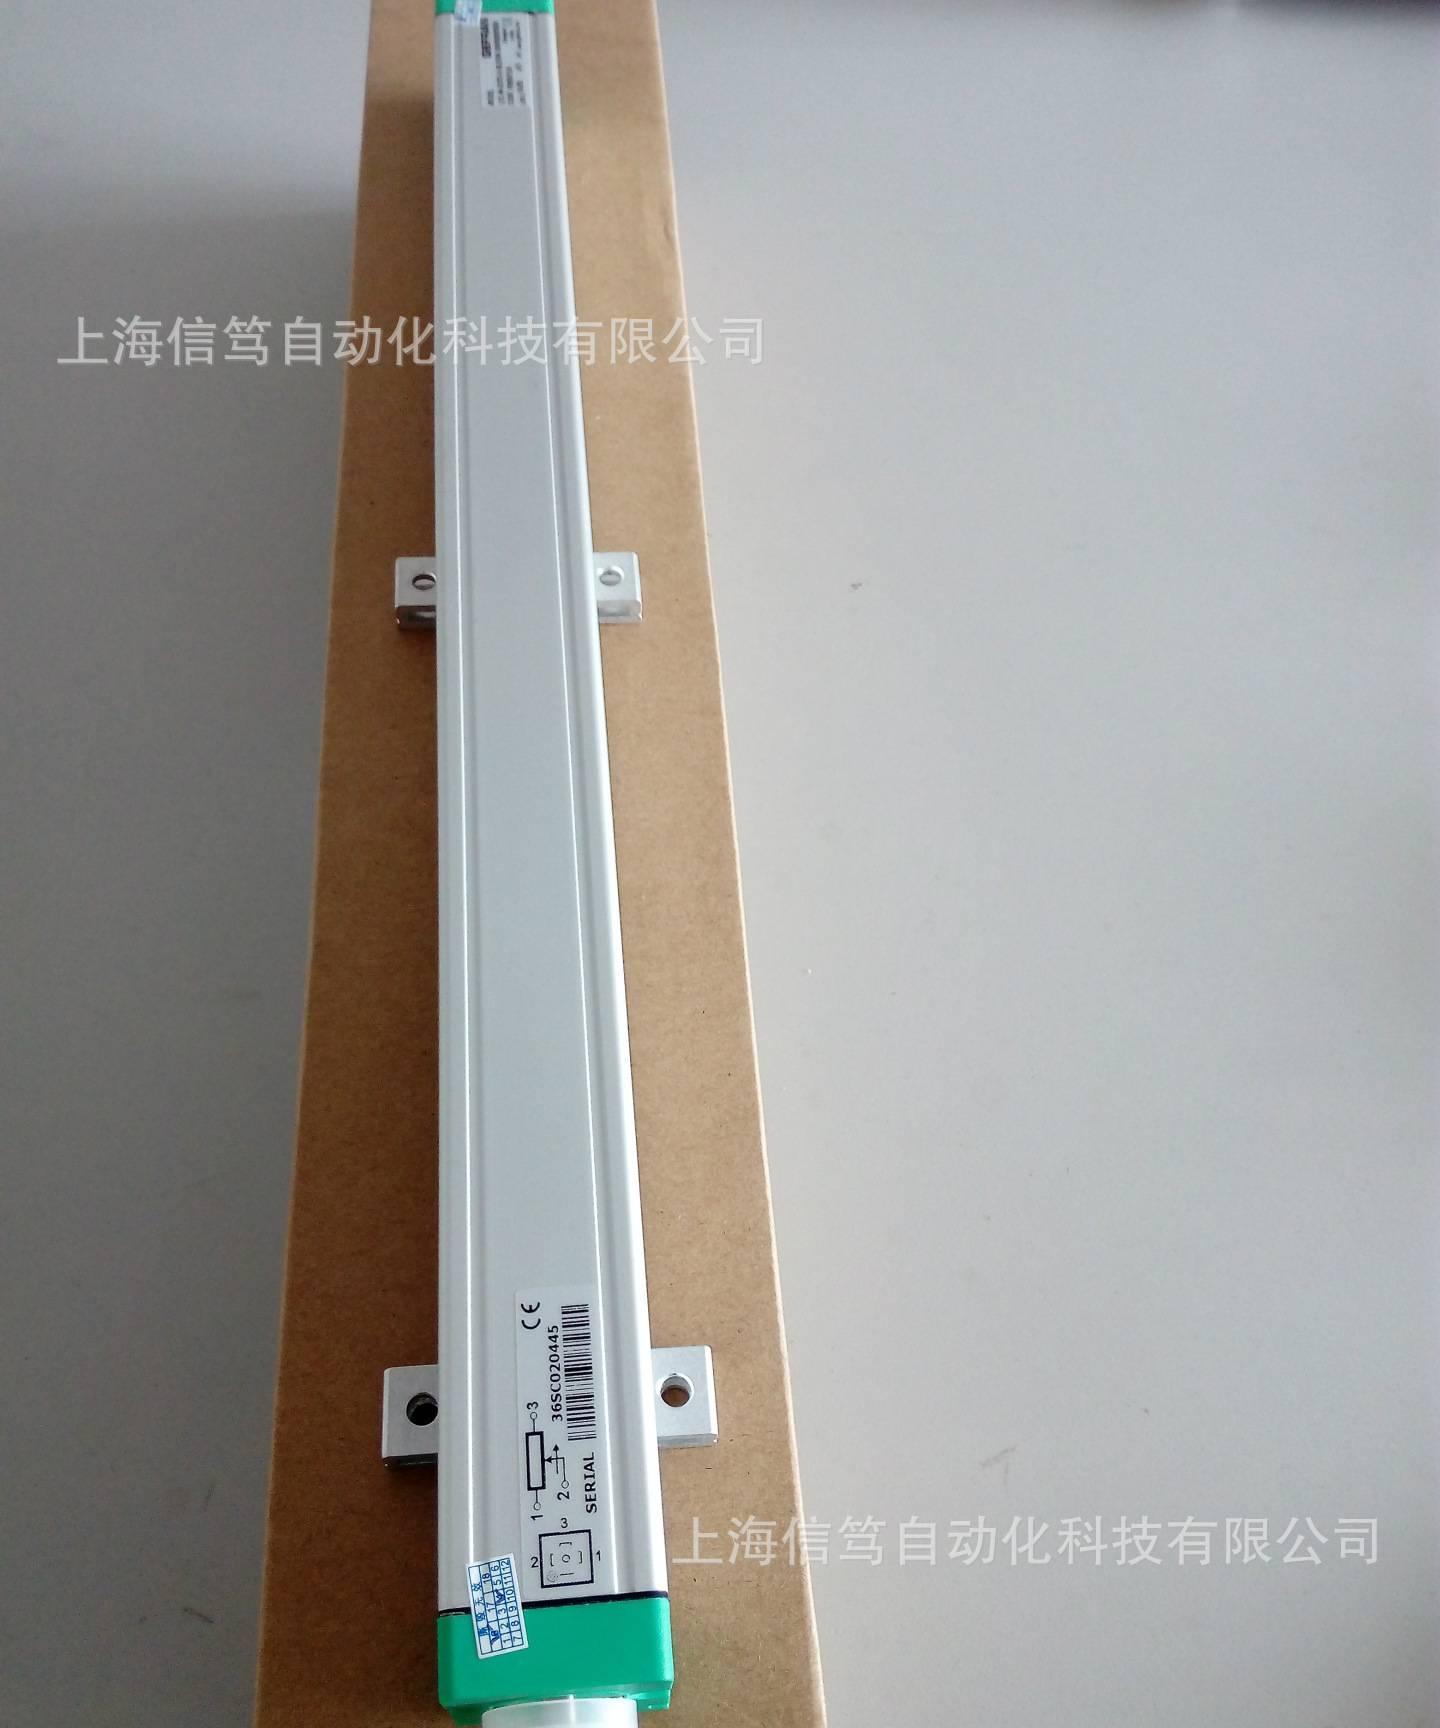 上海市妇婴�y`i_【意大利GEFRAN传感器LT-M-0400-S-XL0202电子尺LTM-400】价格_批发_厂家